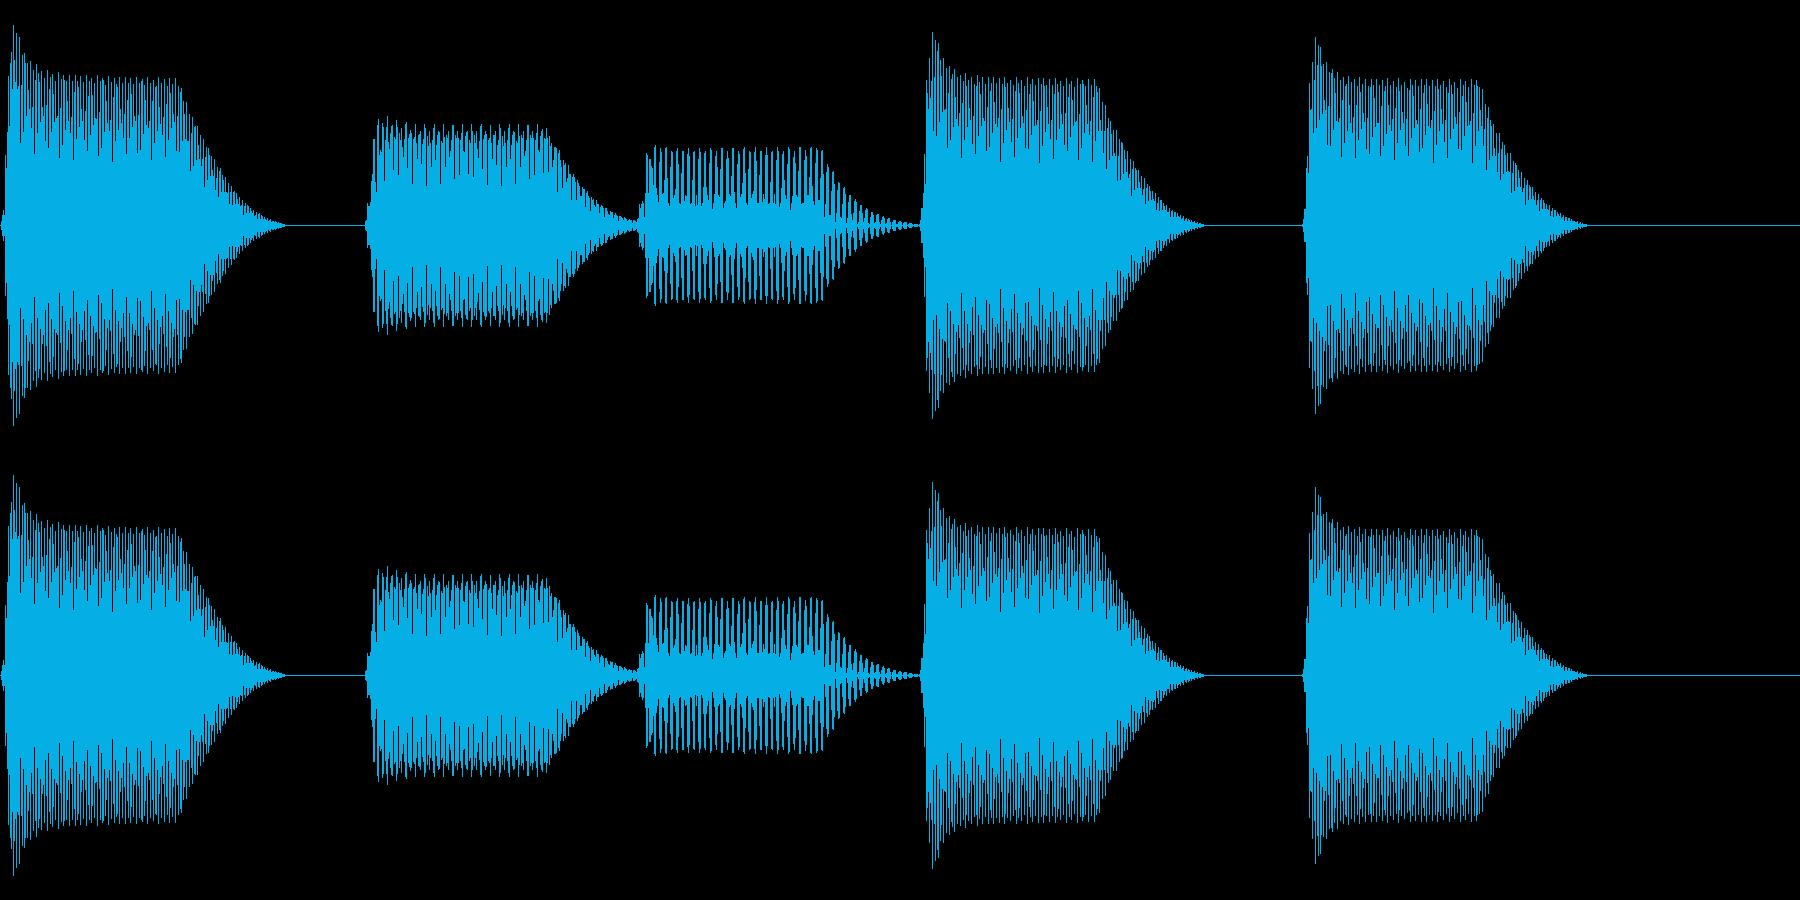 往年のRPG風 コマンド音 シリーズ11の再生済みの波形